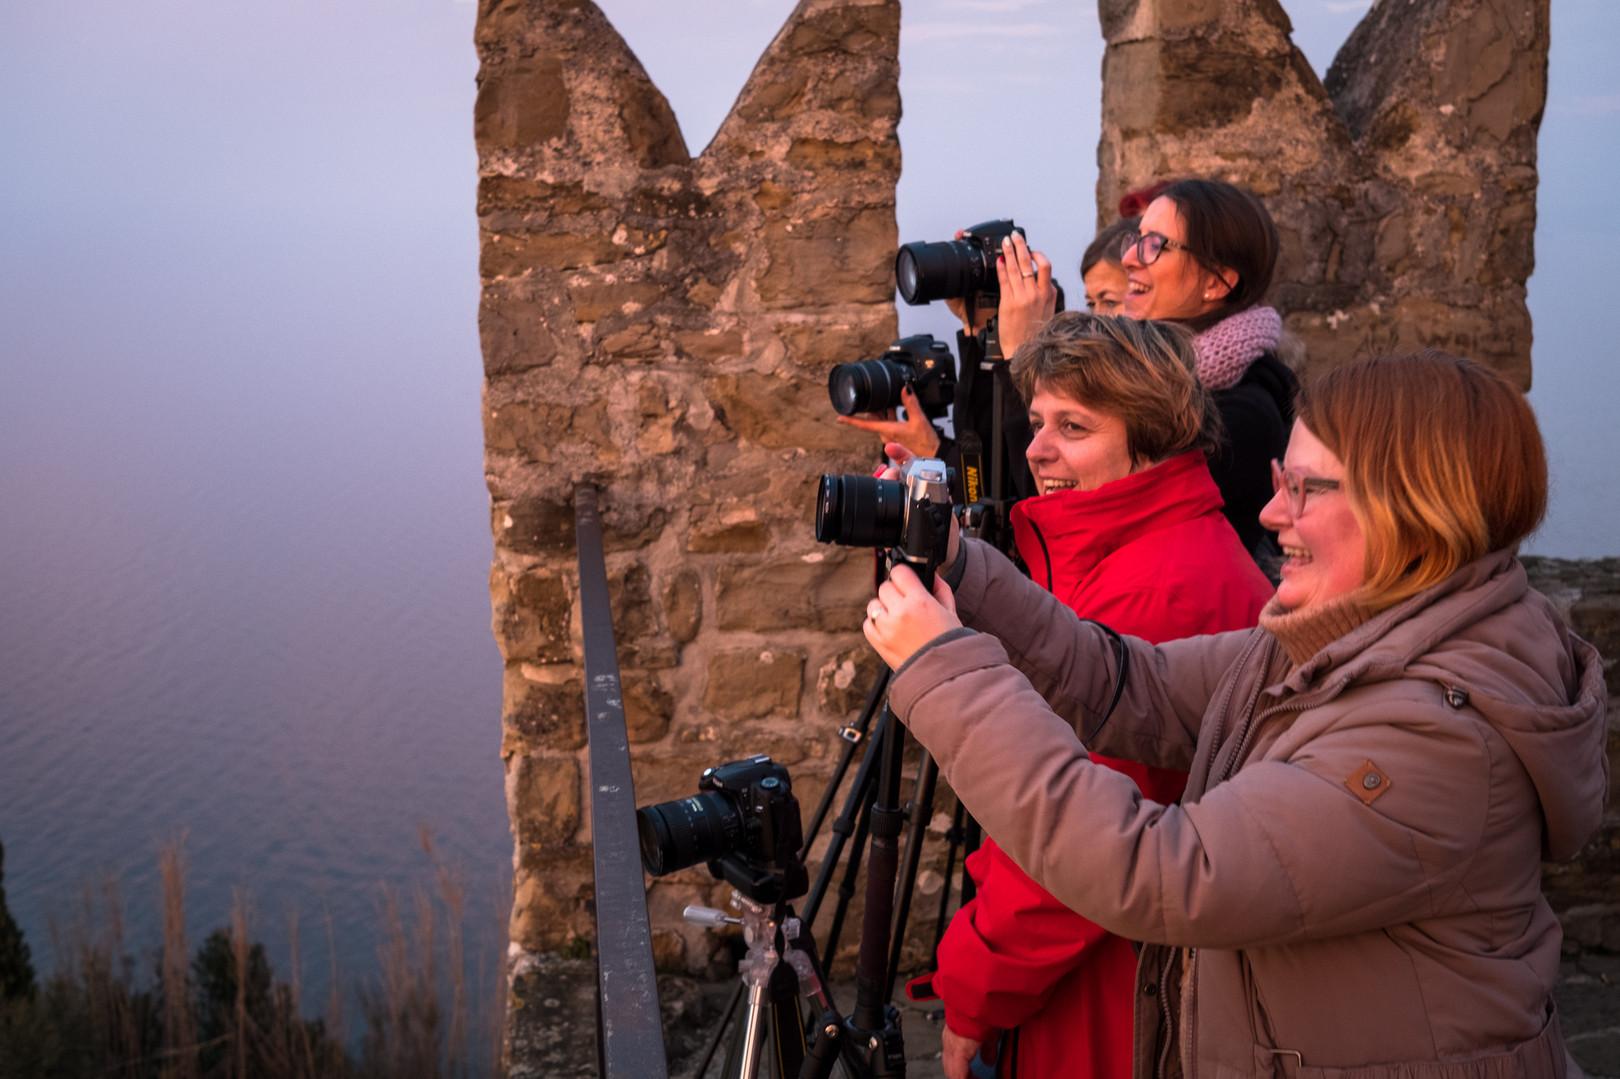 Clients on Trips4photos Tour